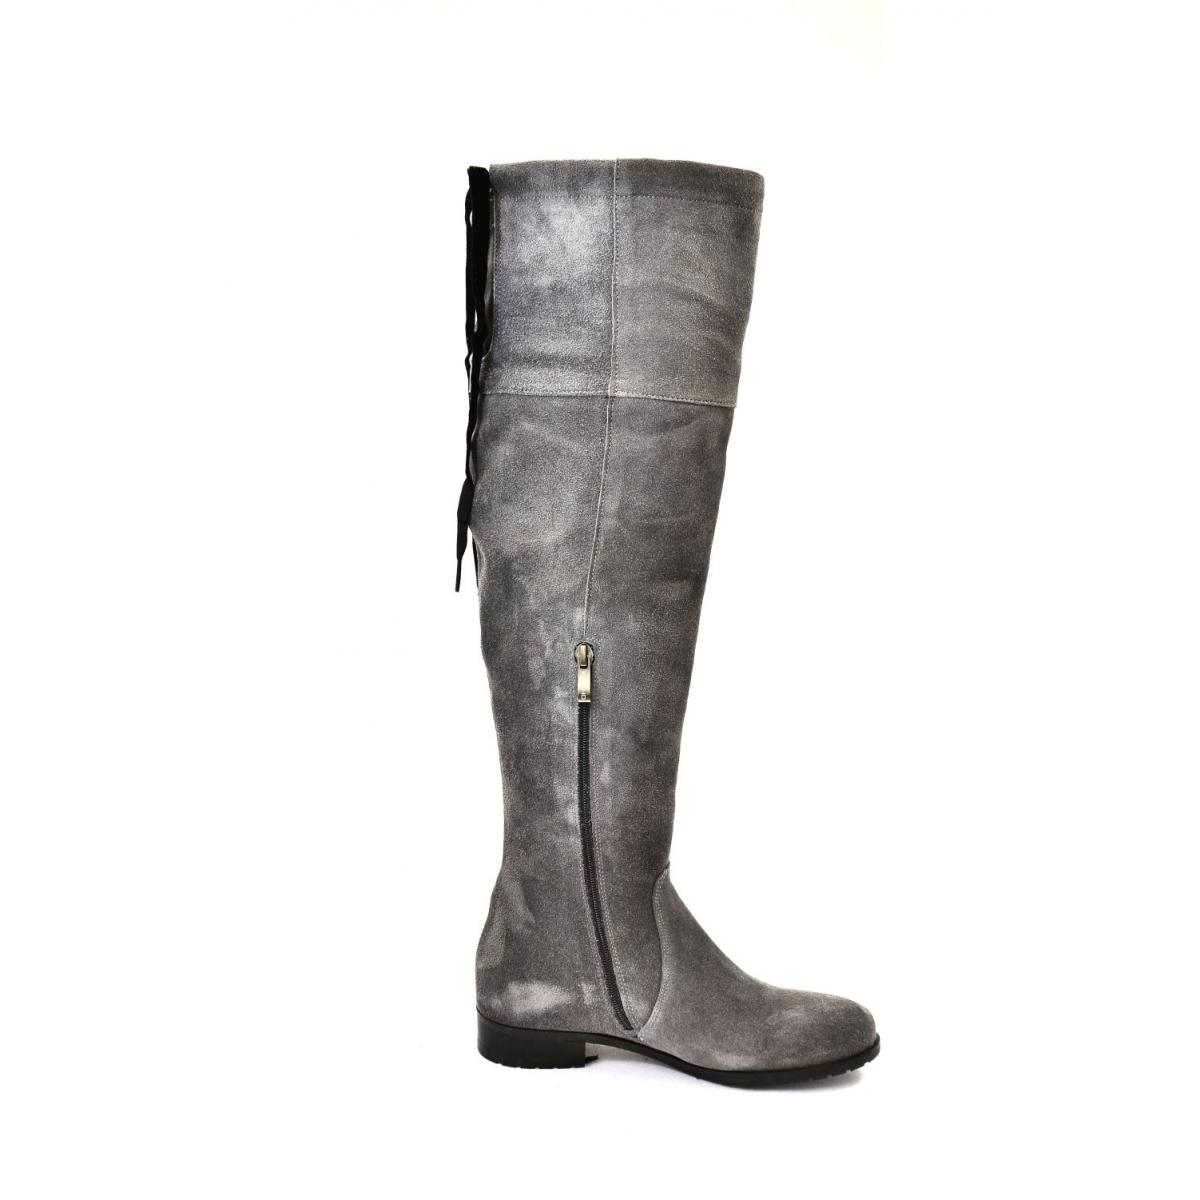 7a6811a232 Dámske sivé kožené čižmy FIONA - 5